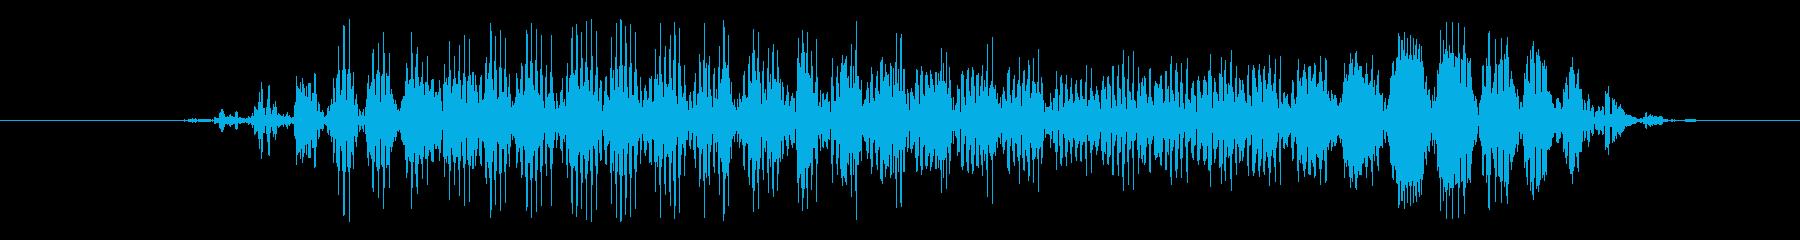 ゴブリン スクリームショートペイン01の再生済みの波形